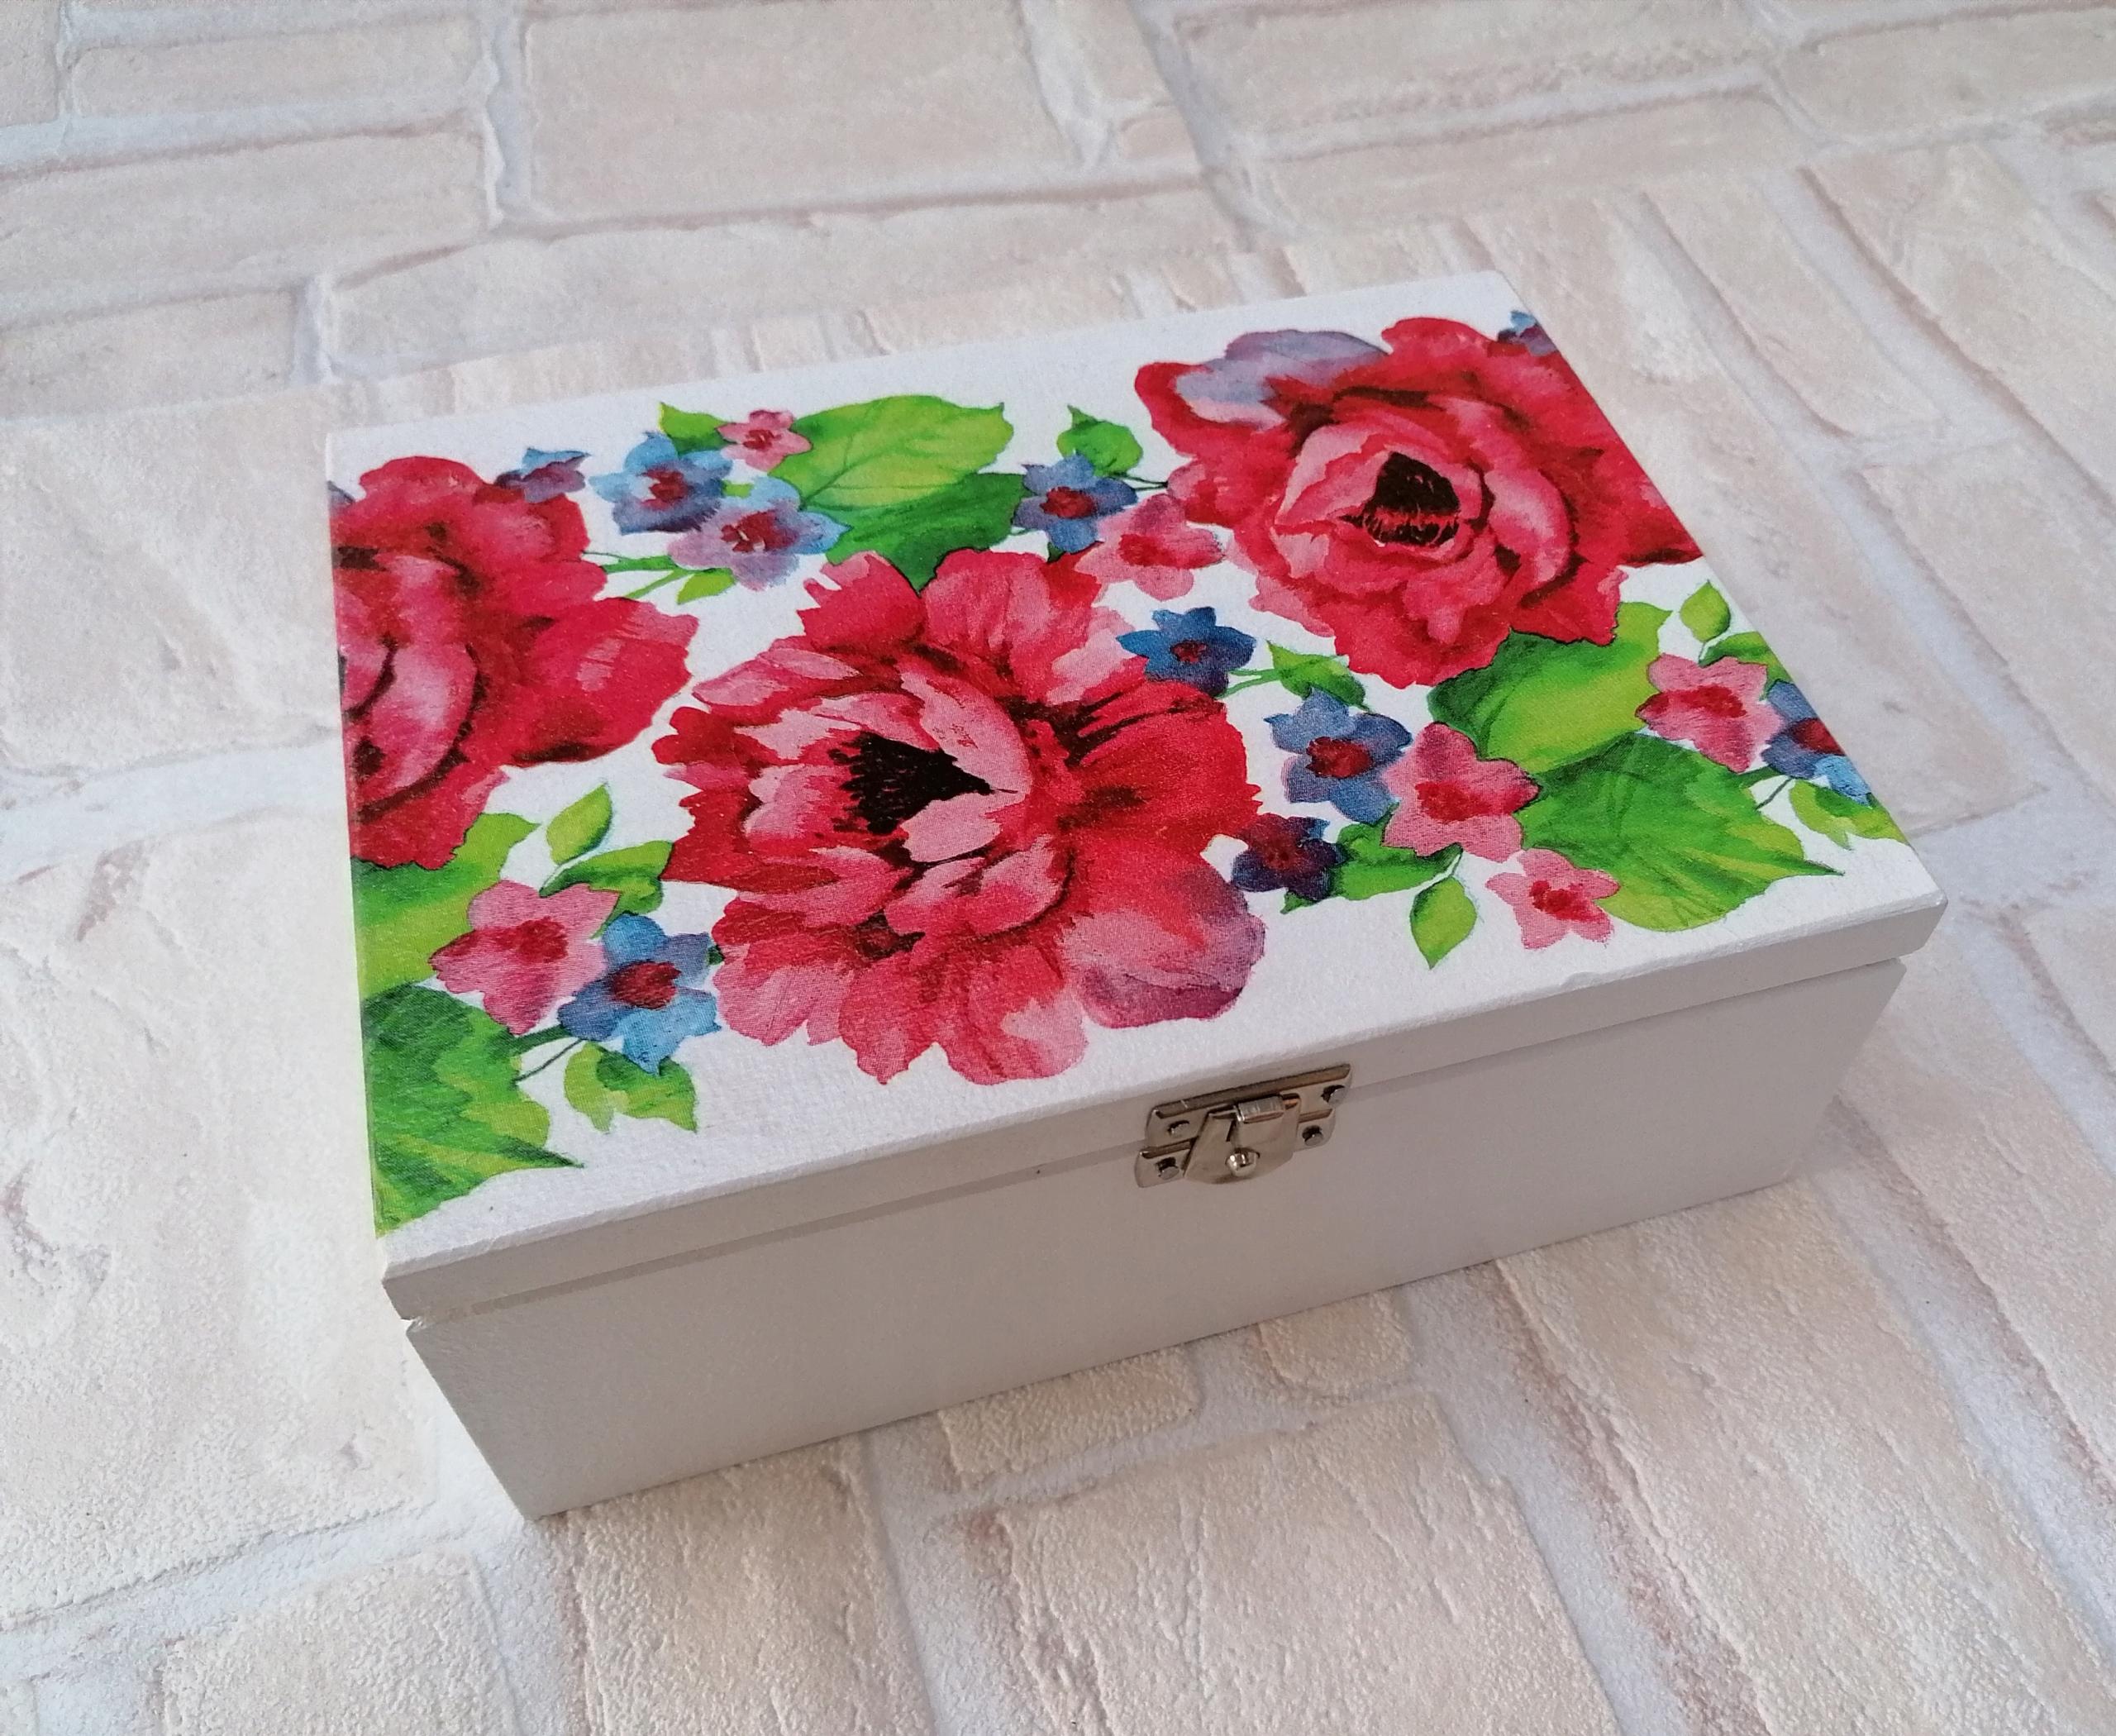 Krabica s prepážkami, venovanie červenými pivonkami